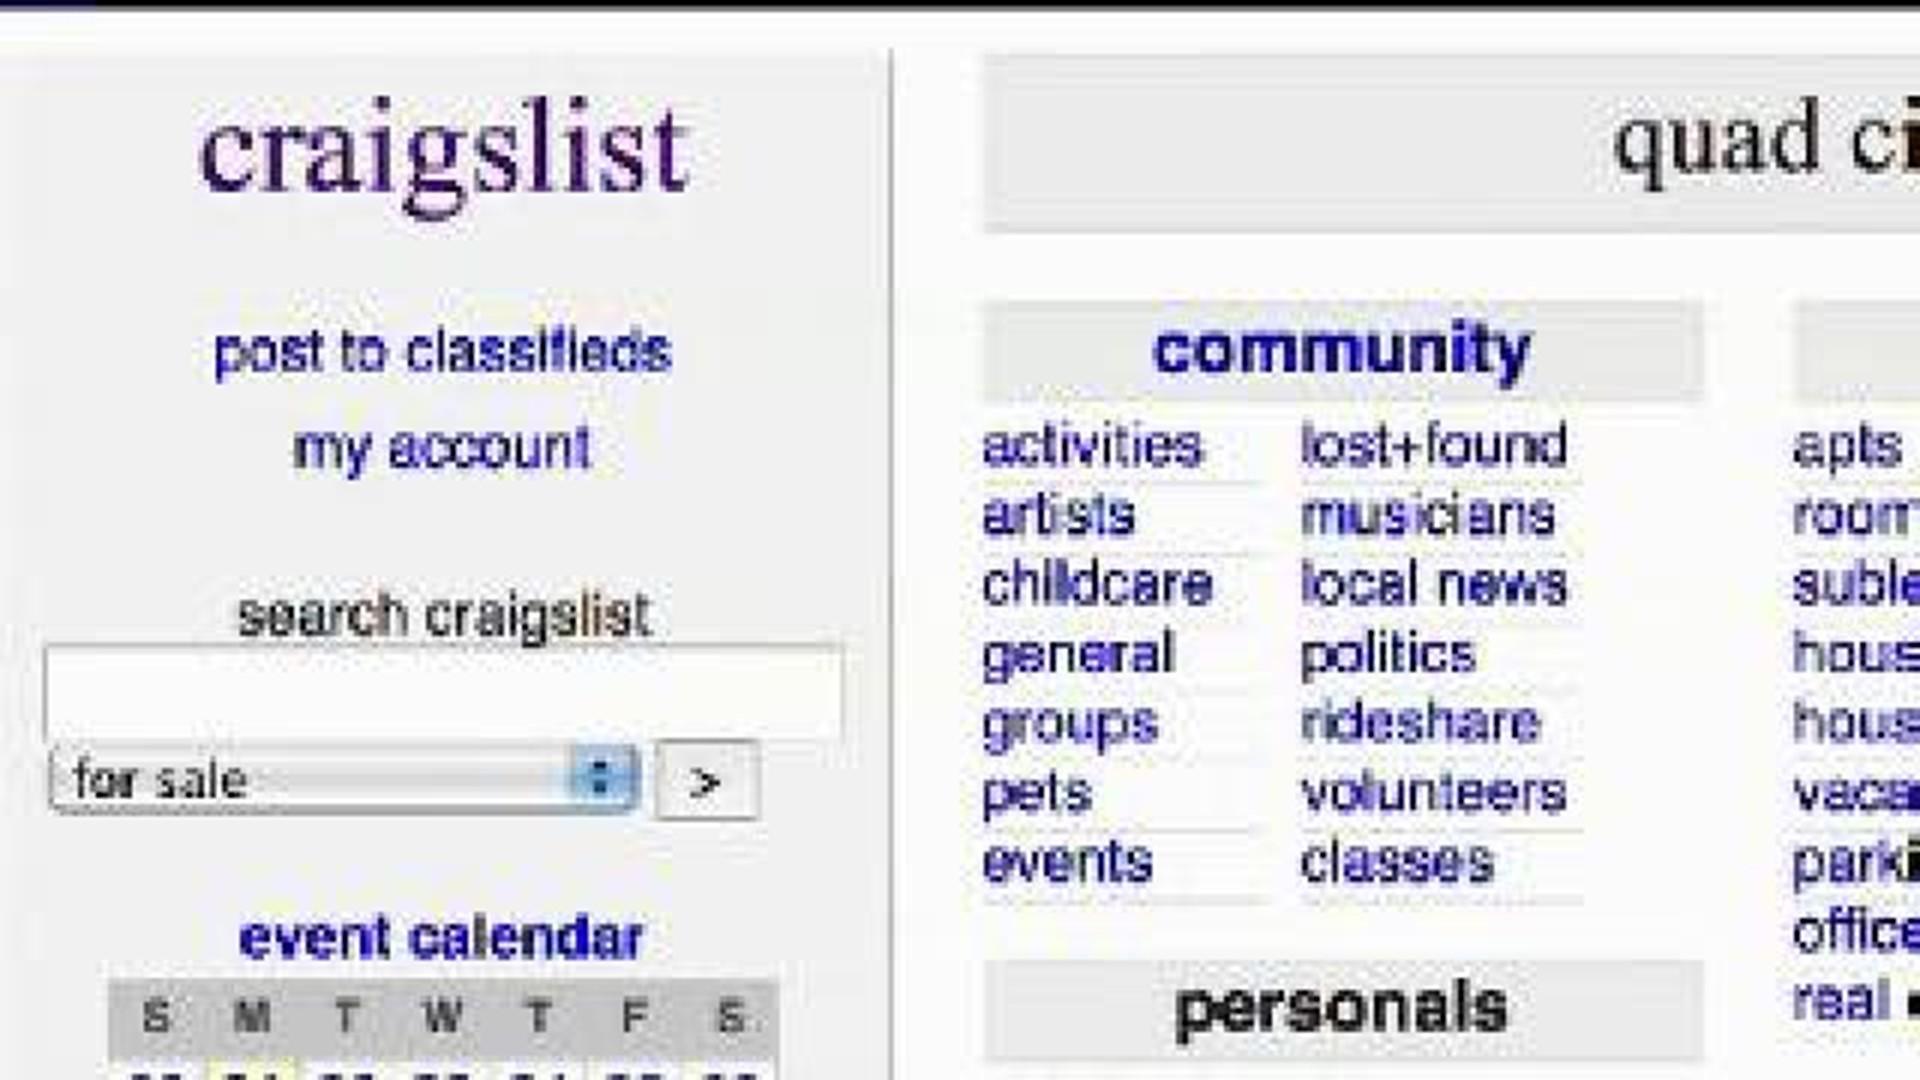 Craigslist scam reported in Quad Cities | wqad.com